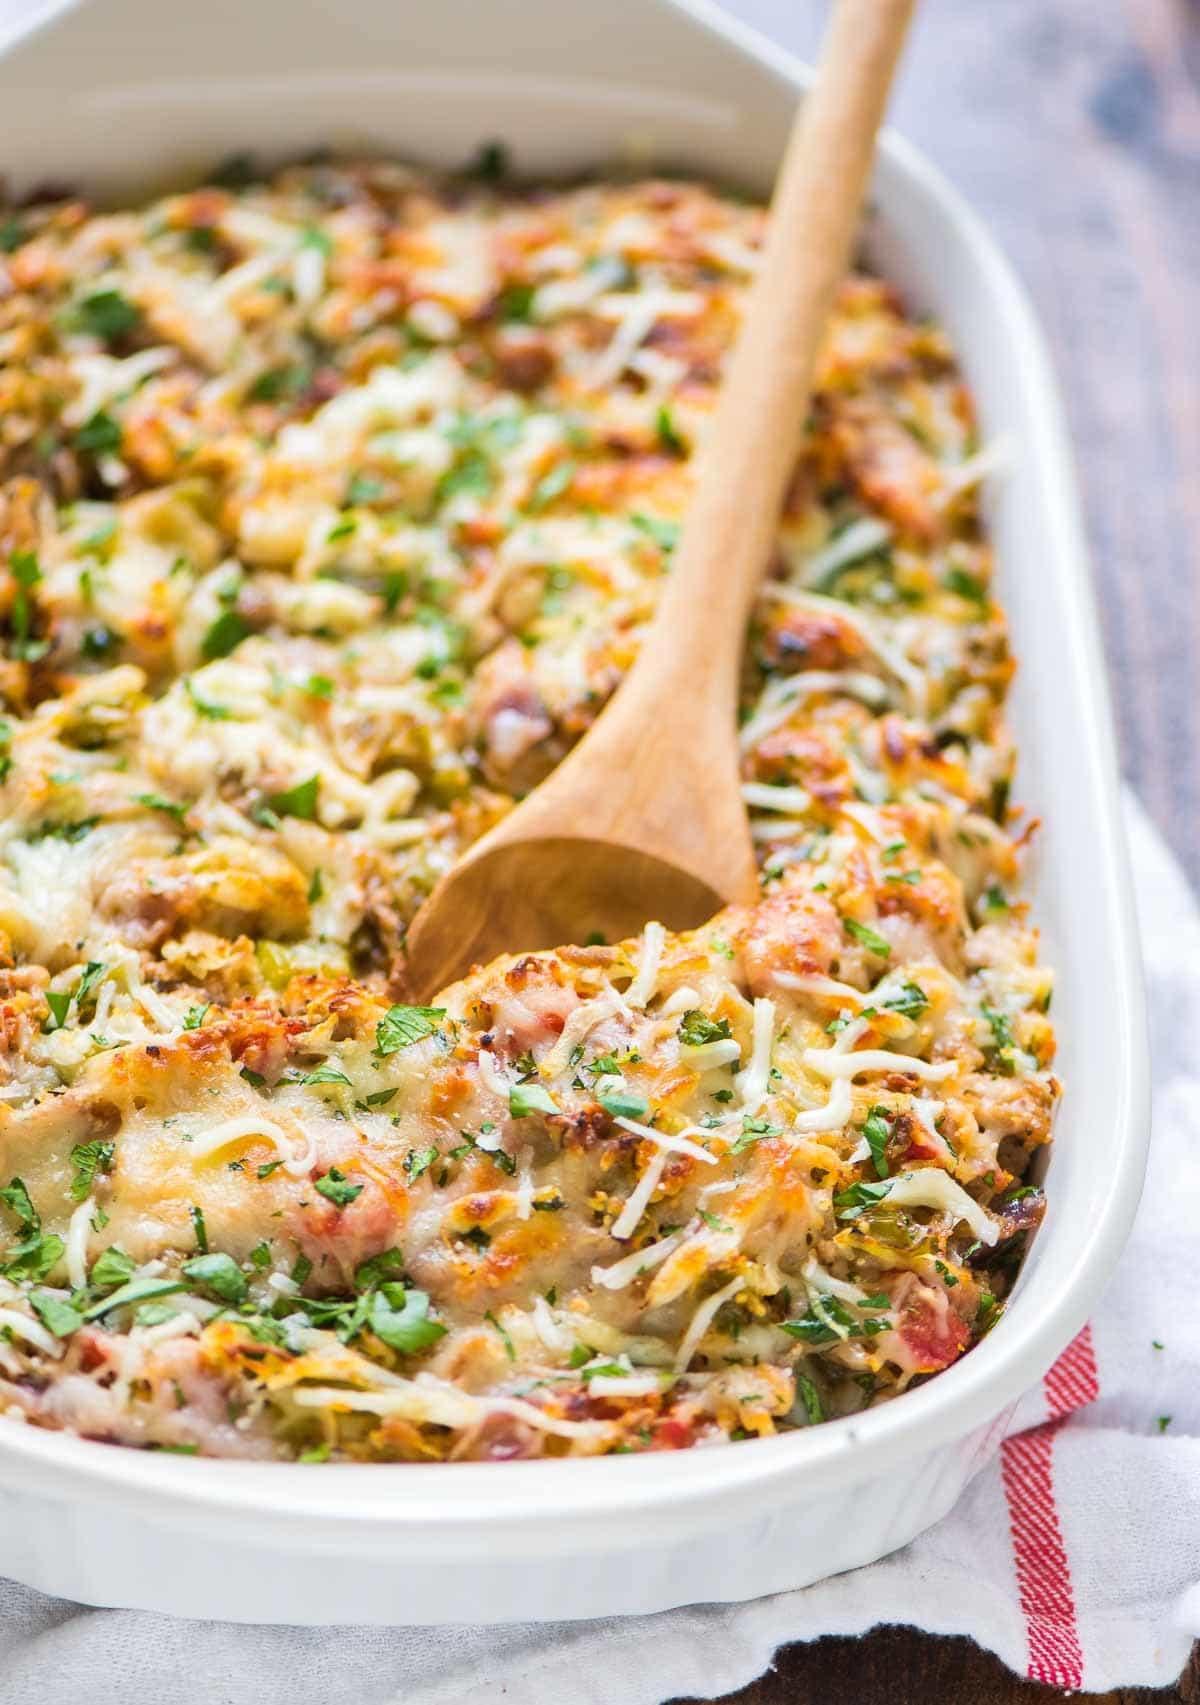 Spaghetti Squash Healthy Recipes  Spaghetti Squash Casserole